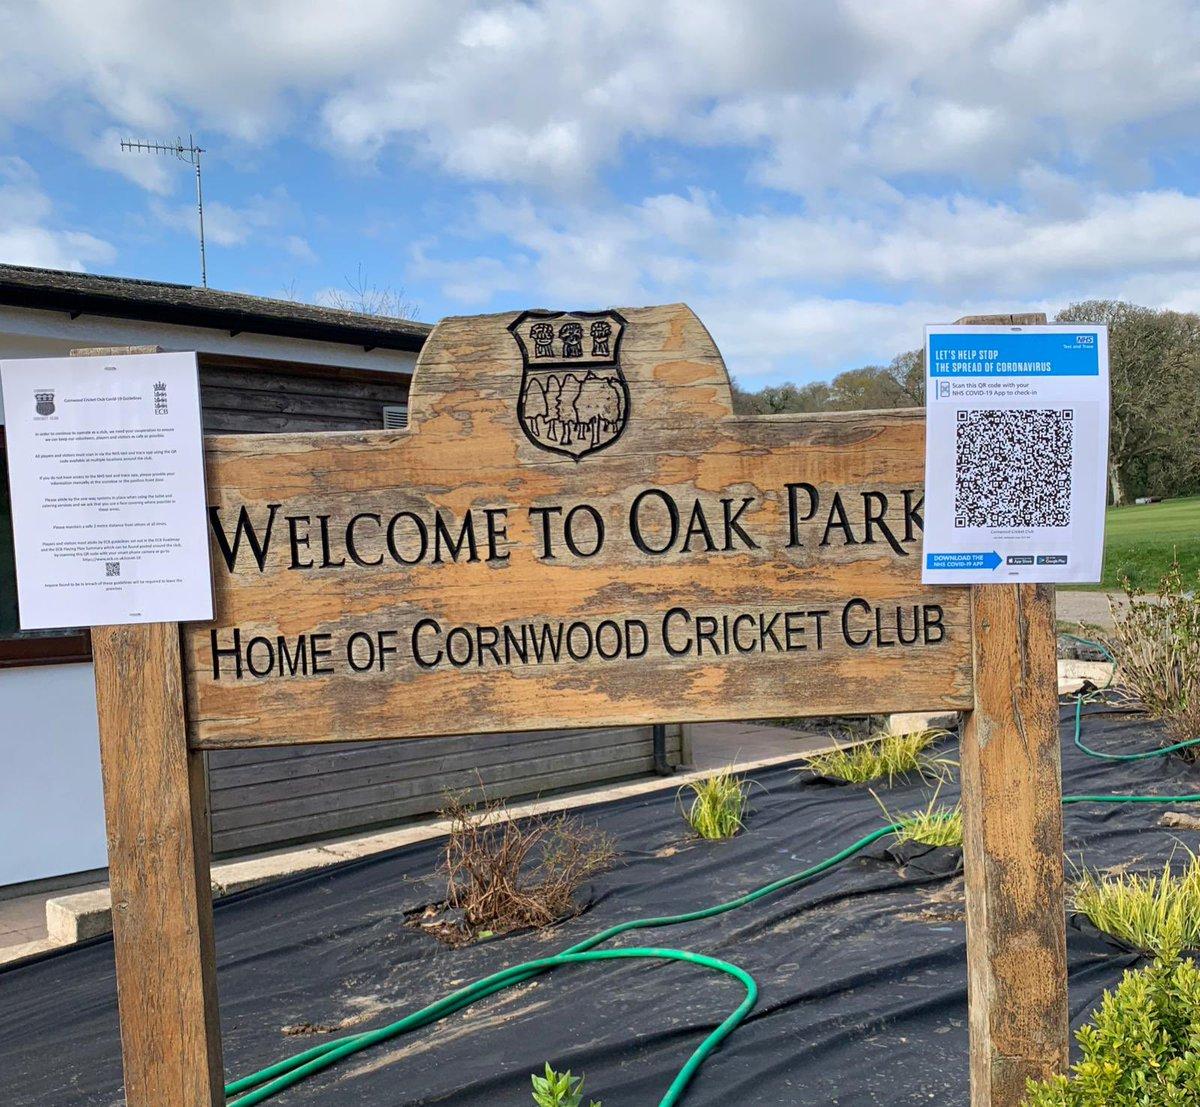 CornwoodCC photo